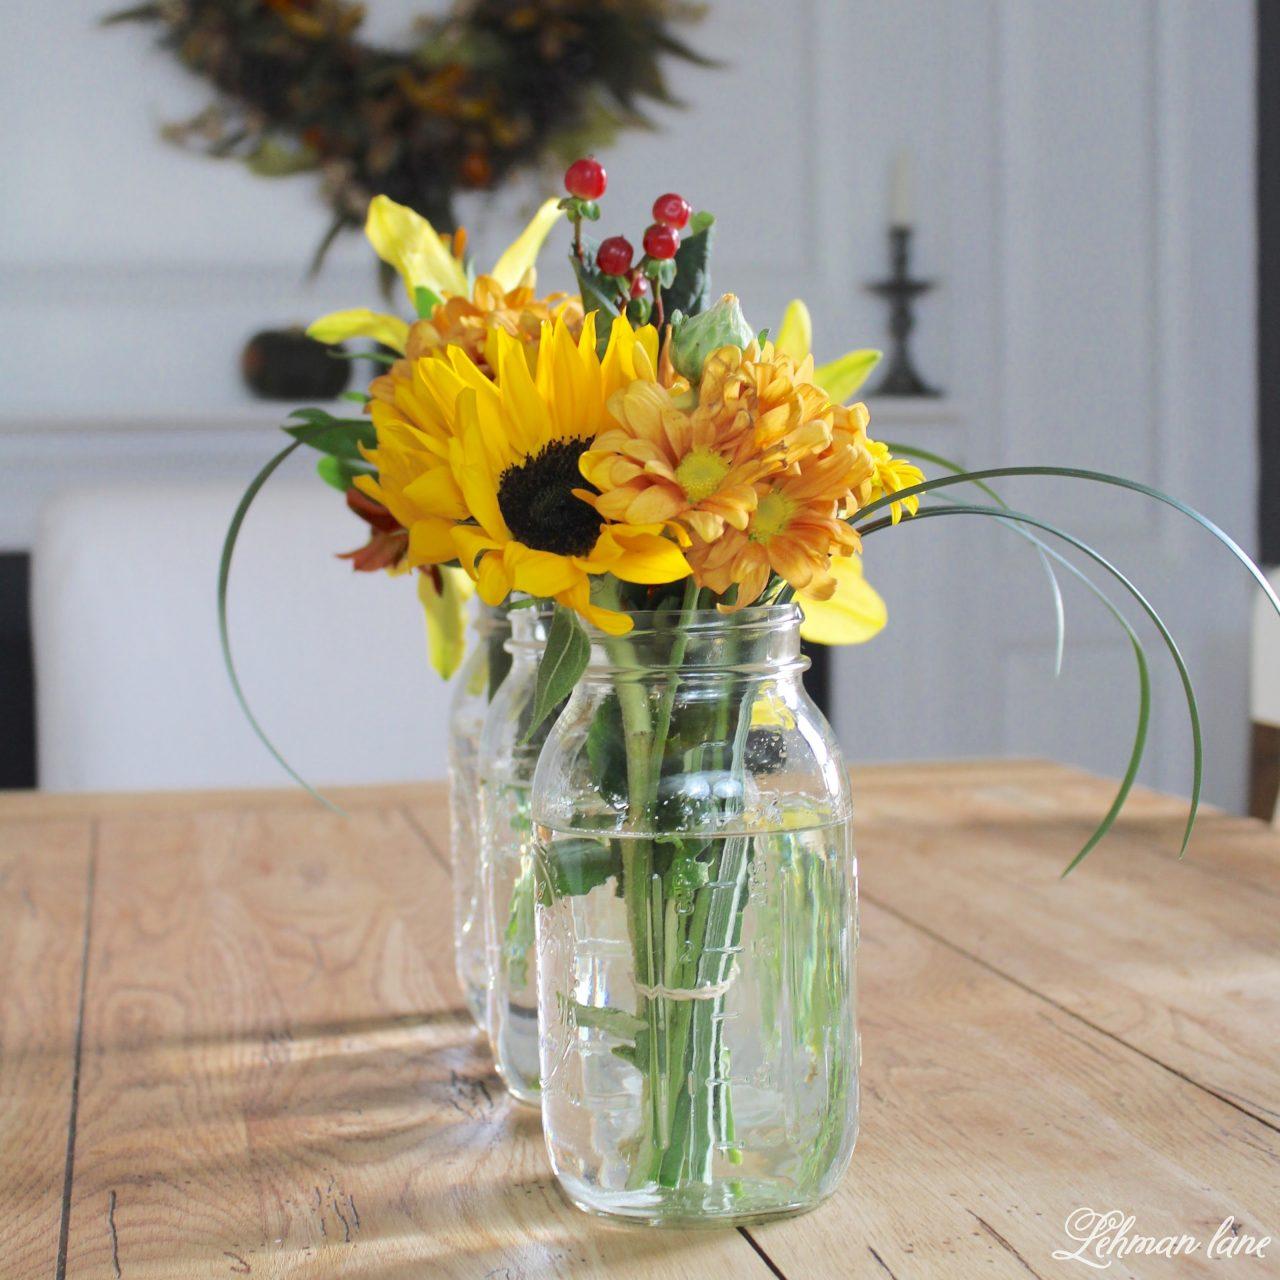 Simple Flower Arrangement - Farmhouse table with mason jar floral arrangements, #flowerarranging #fallflowers #falltablescape http://lehmanlane.net